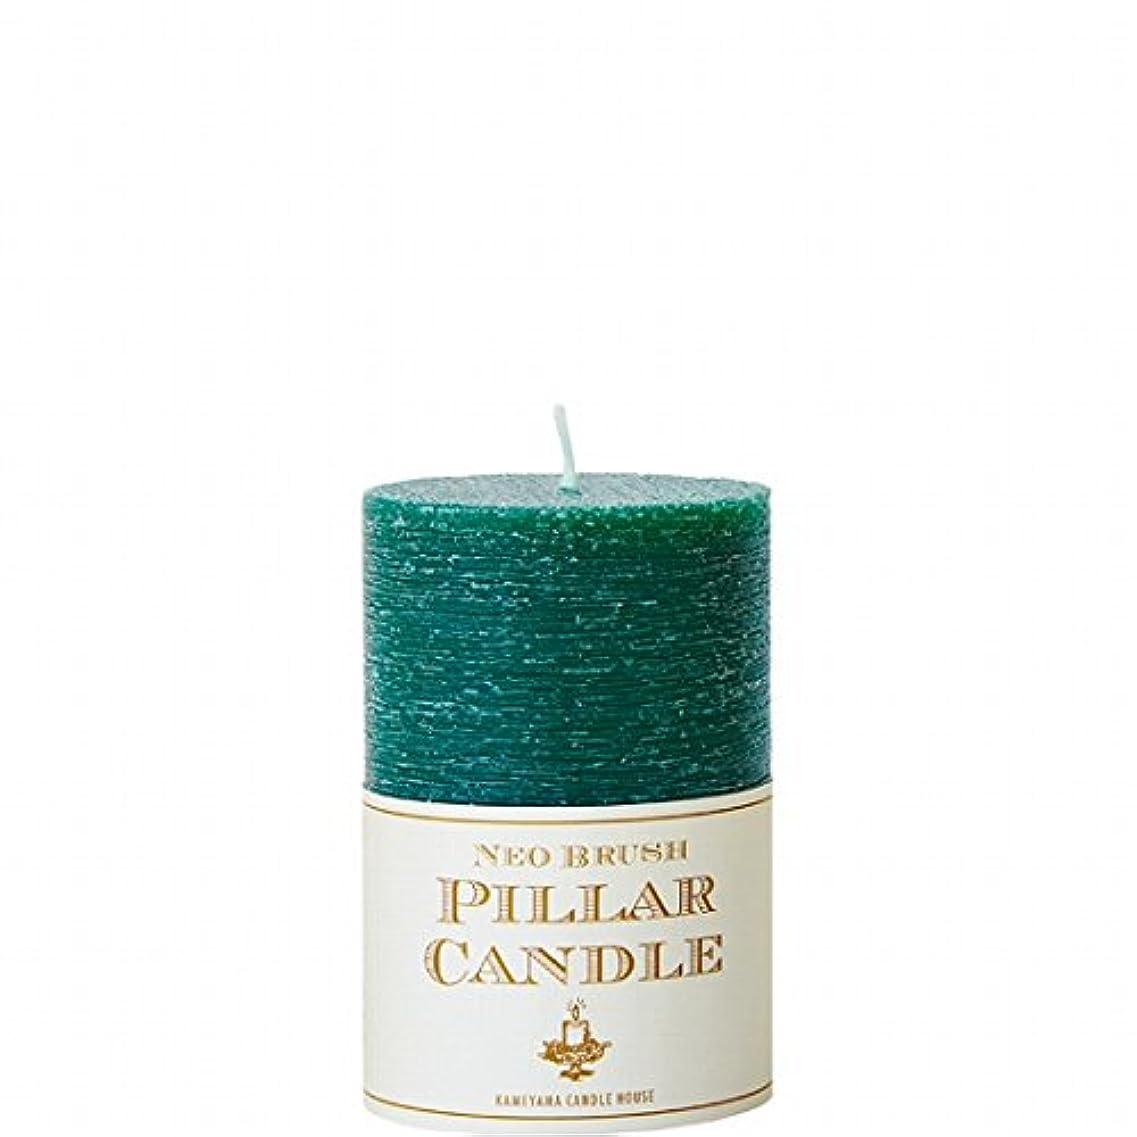 ゆでる意気込みが欲しいカメヤマキャンドル(kameyama candle) ネオブラッシュピラーS キャンドル 「 グリーン 」 6個セット